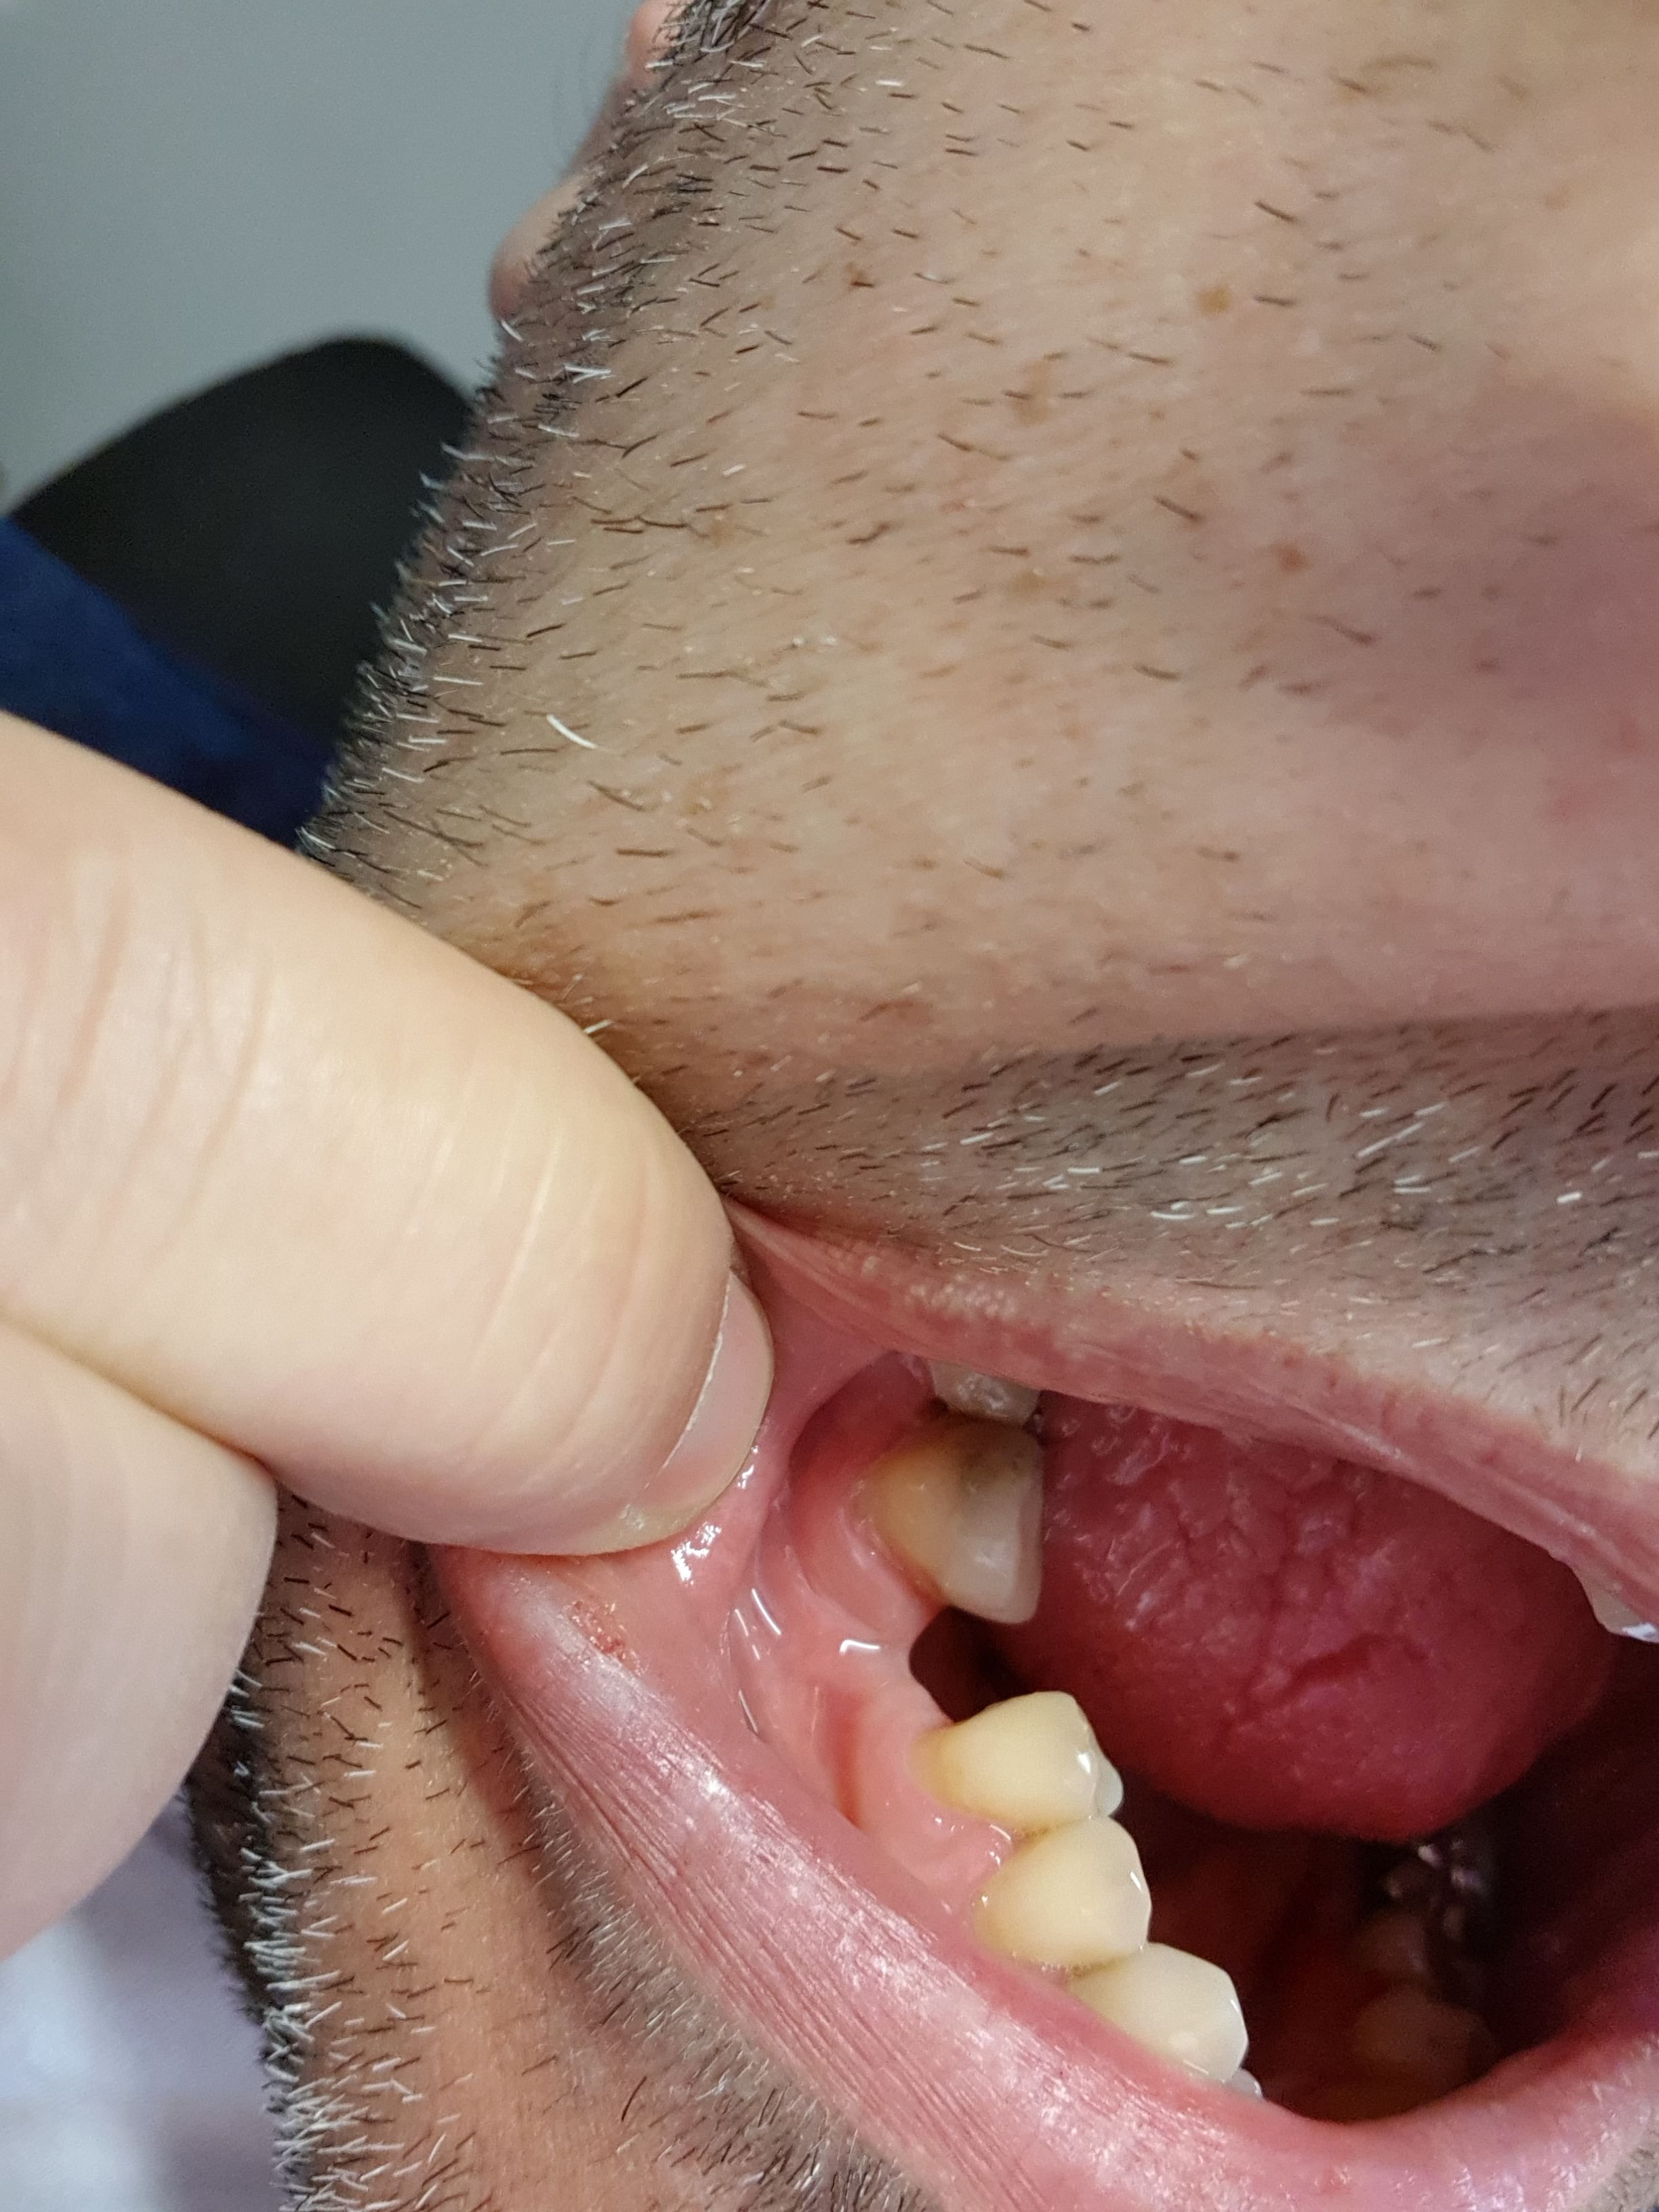 Un paio di giorni fa mi è stato inserito un intarsio su un molare